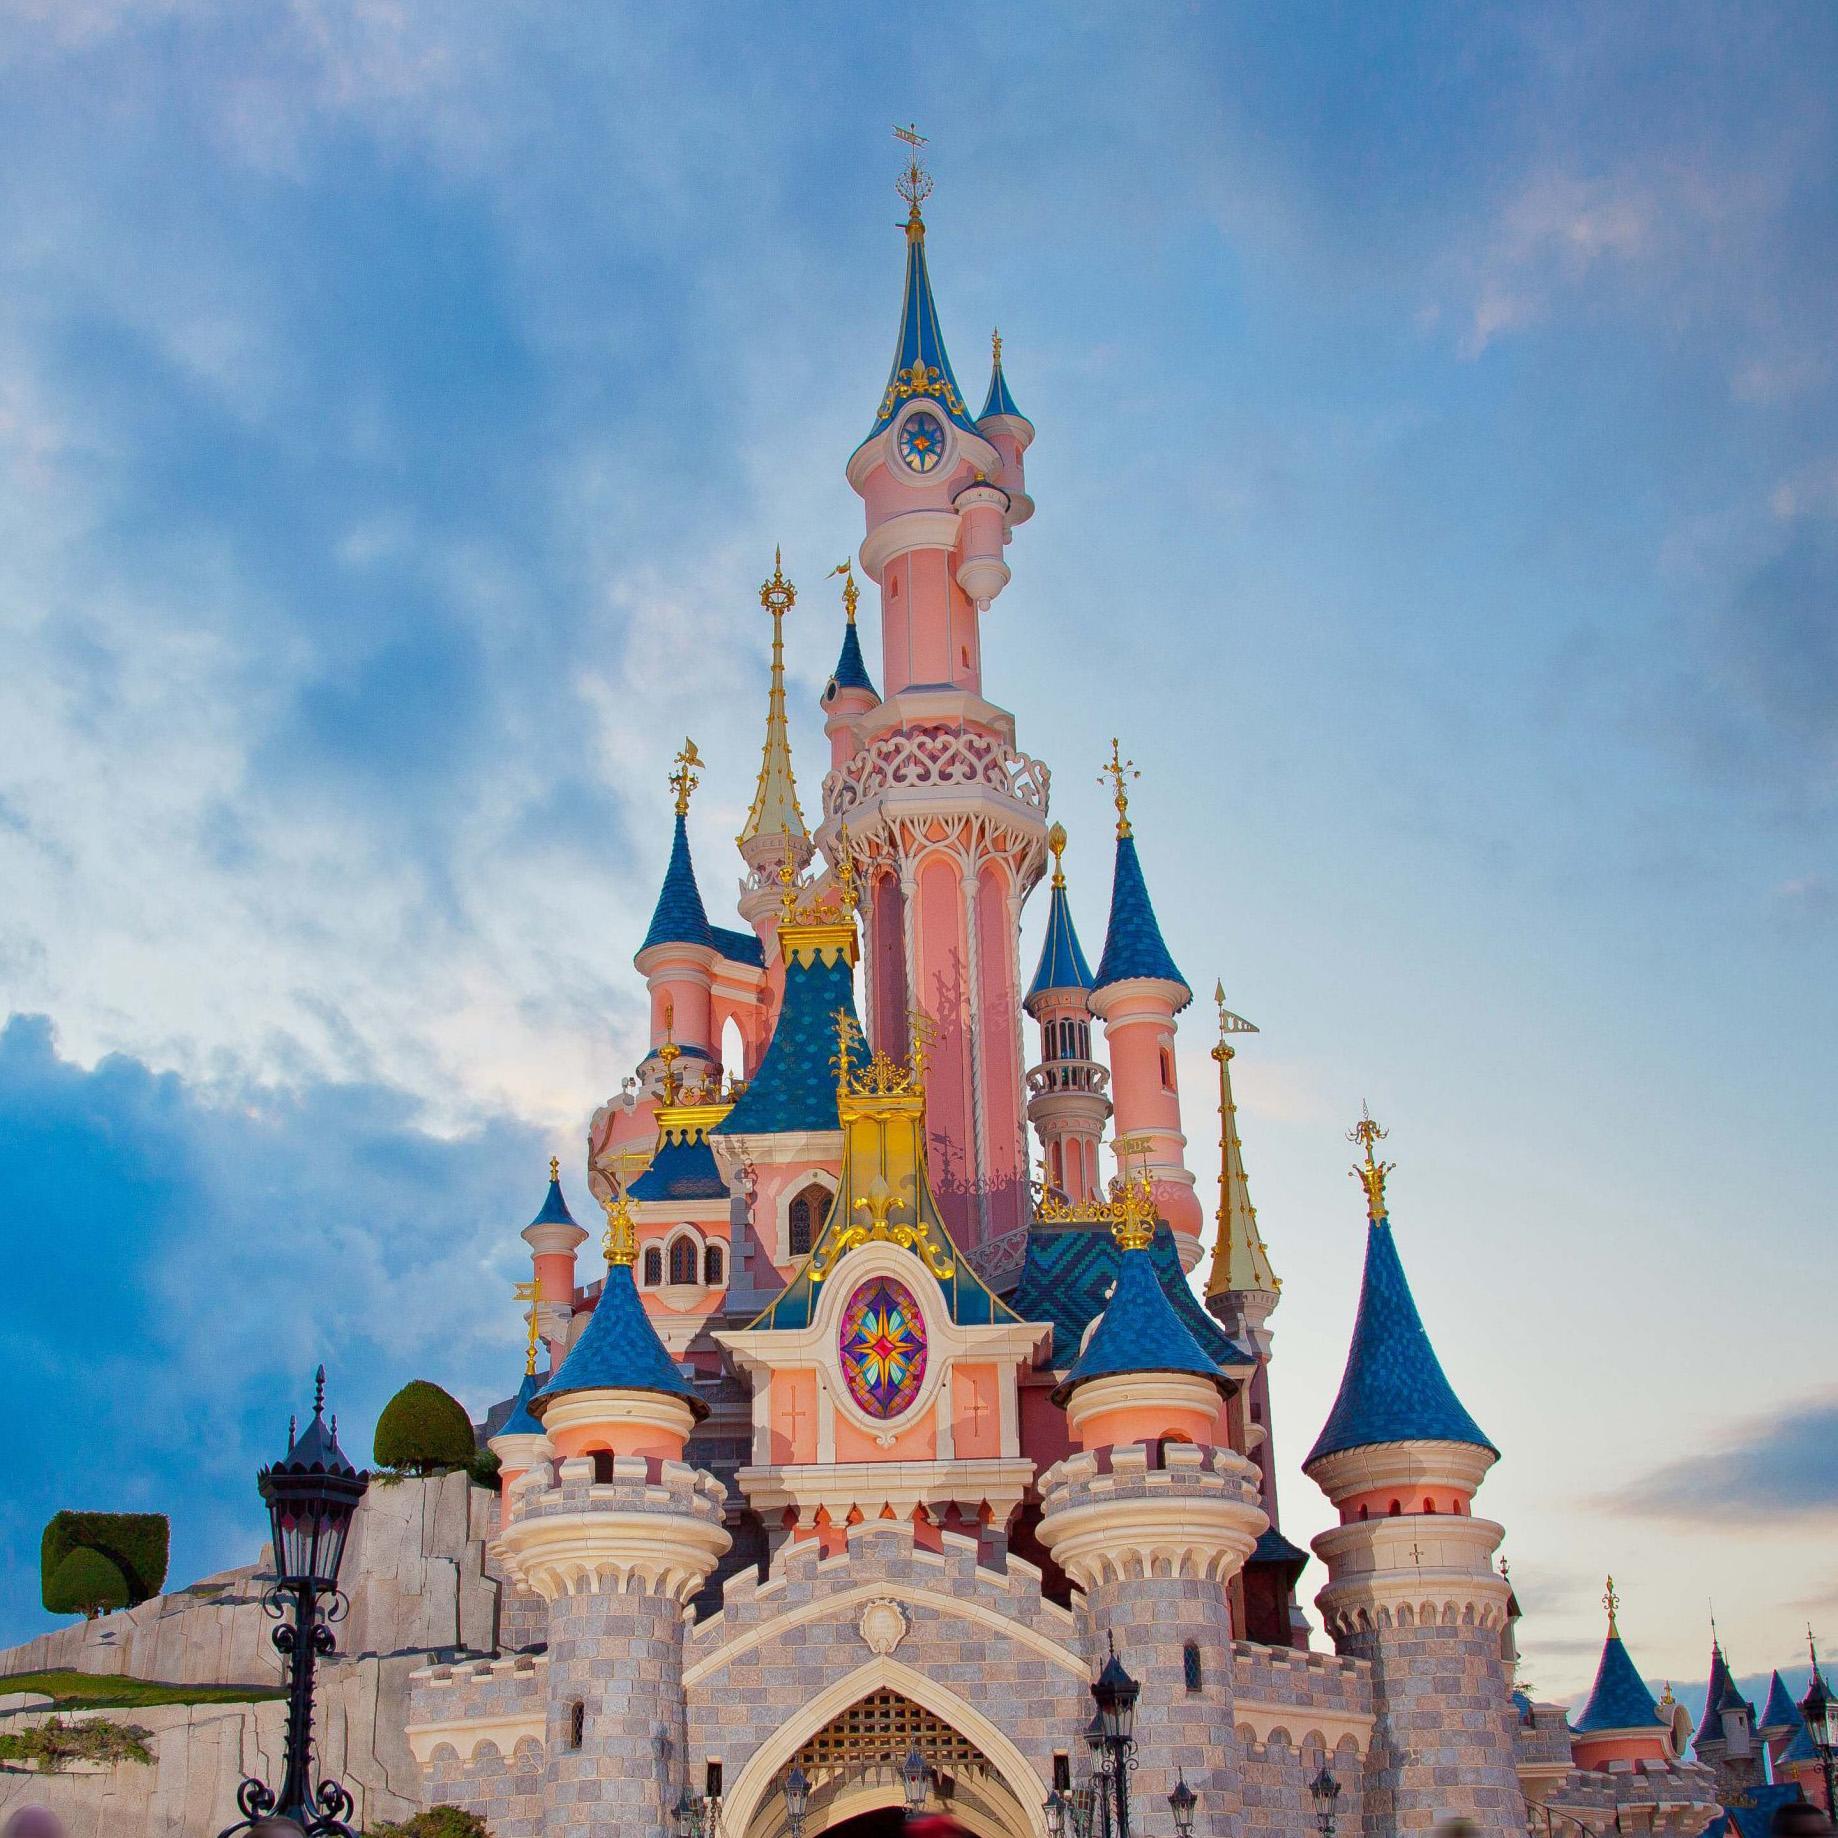 Виртуальная экскурсия по парижскому диснейленду